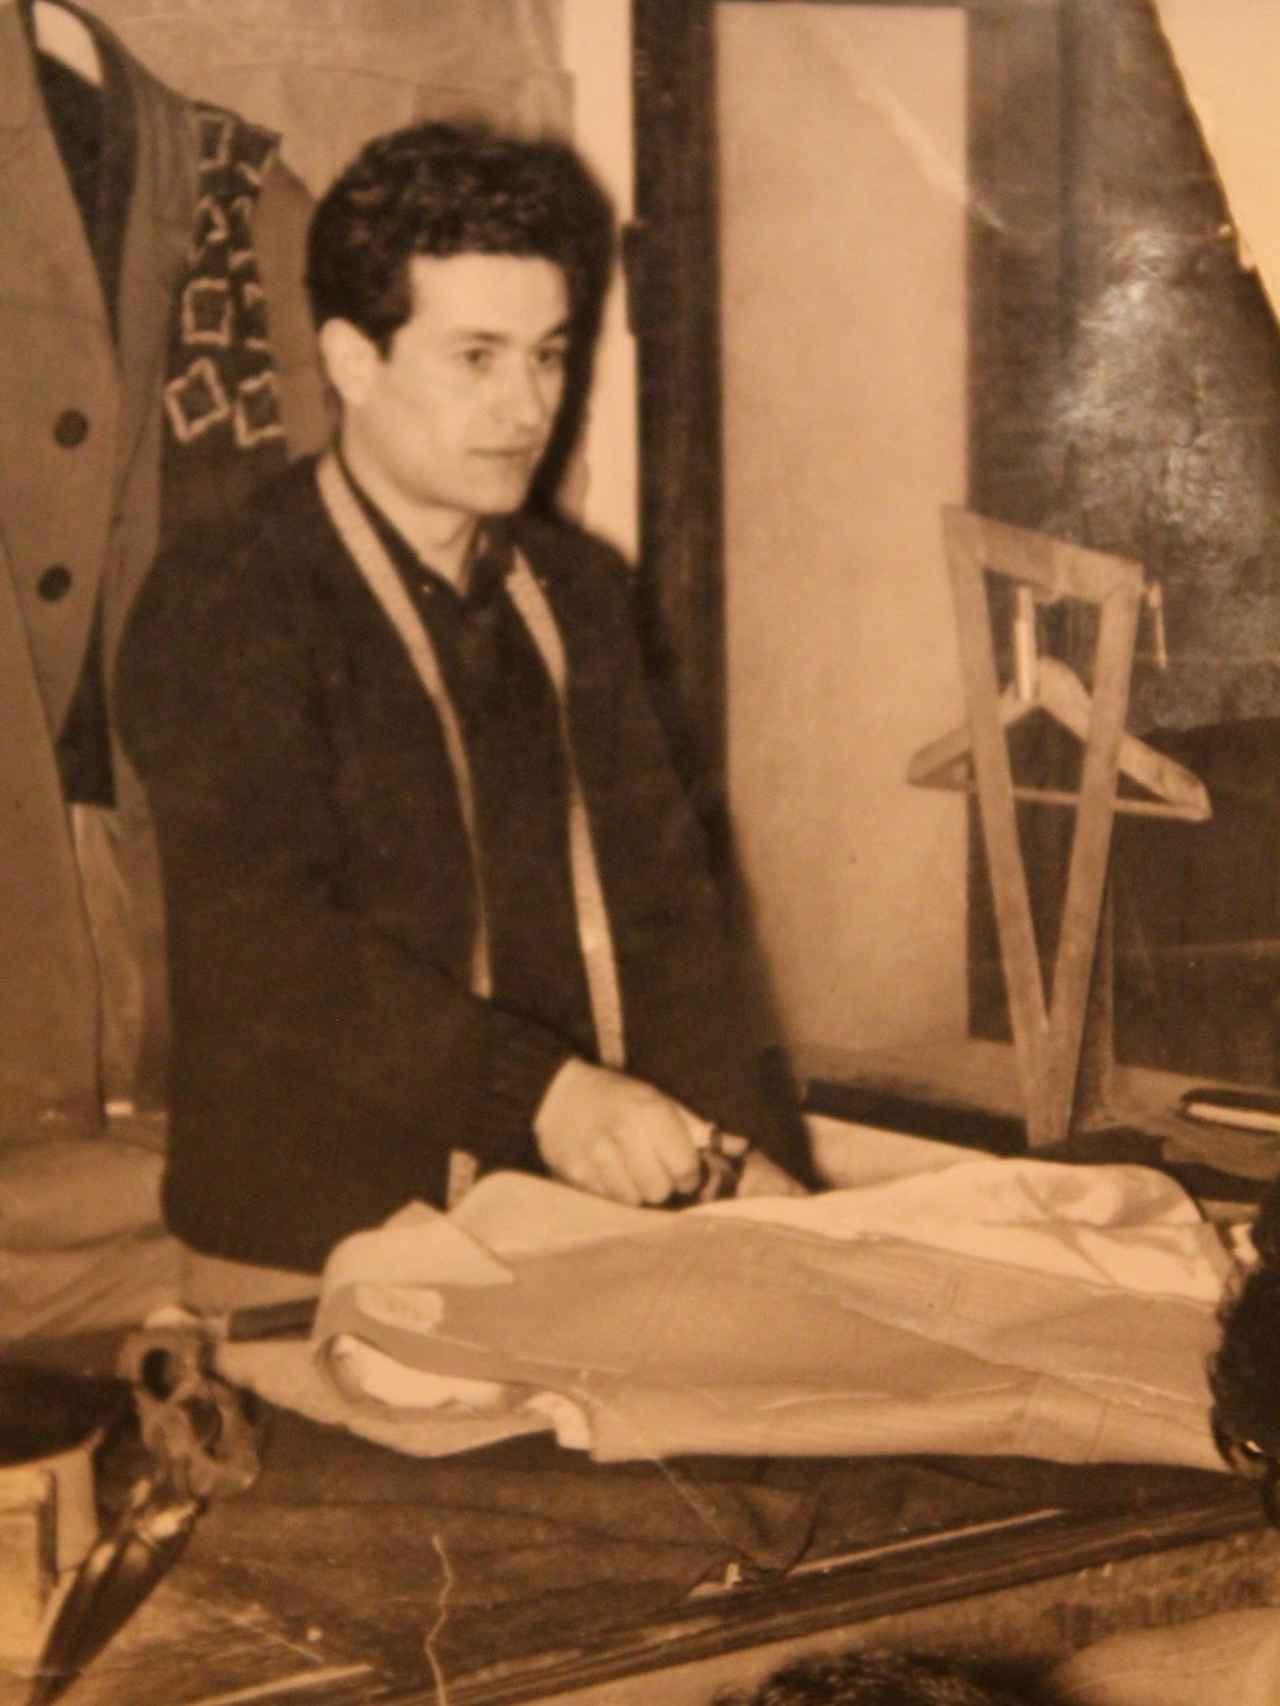 El padre de Bere Casillas, Francisco, en una imagen de 1960.